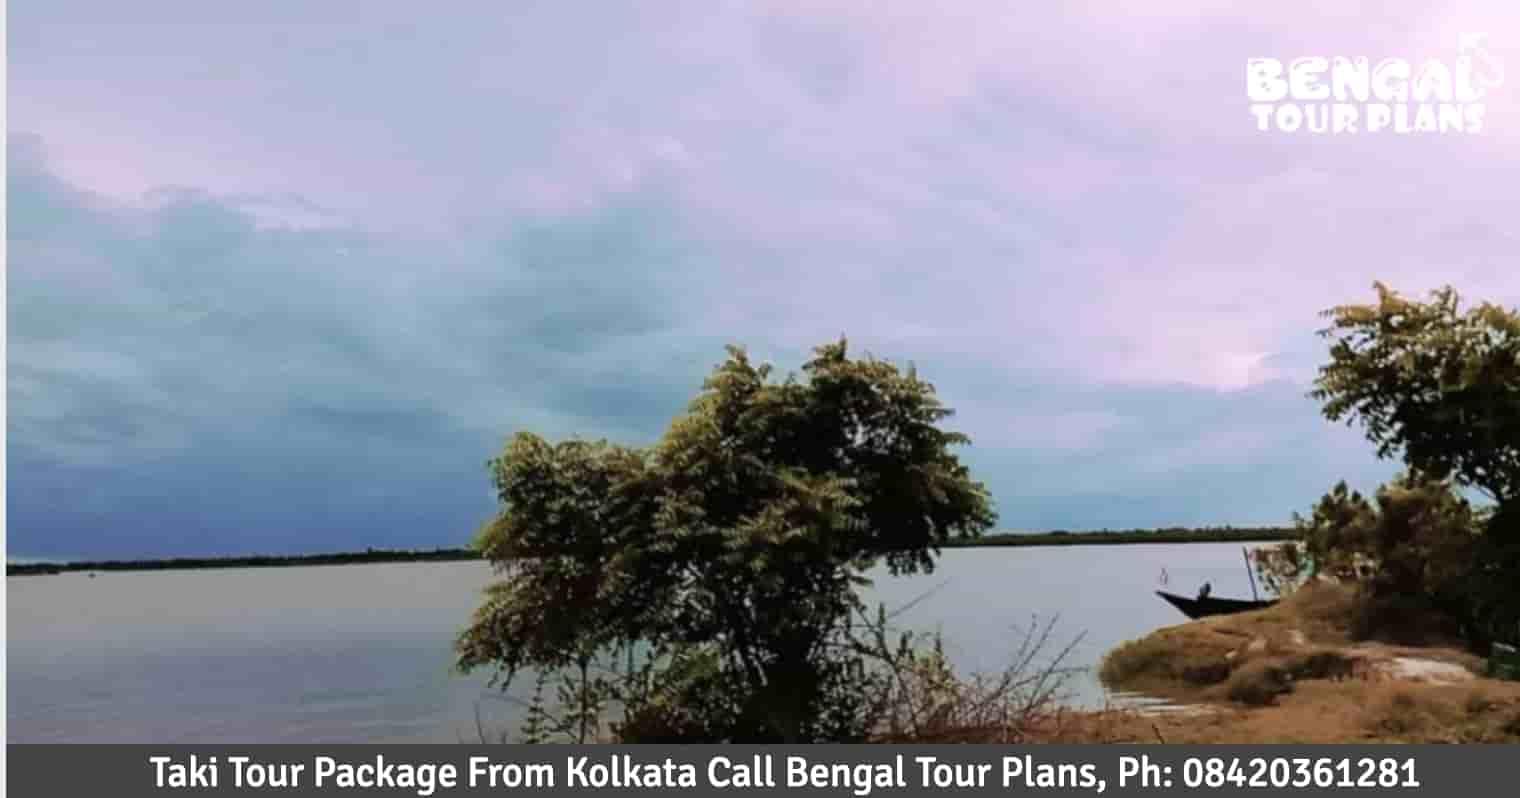 Taki Tour From Kolkata